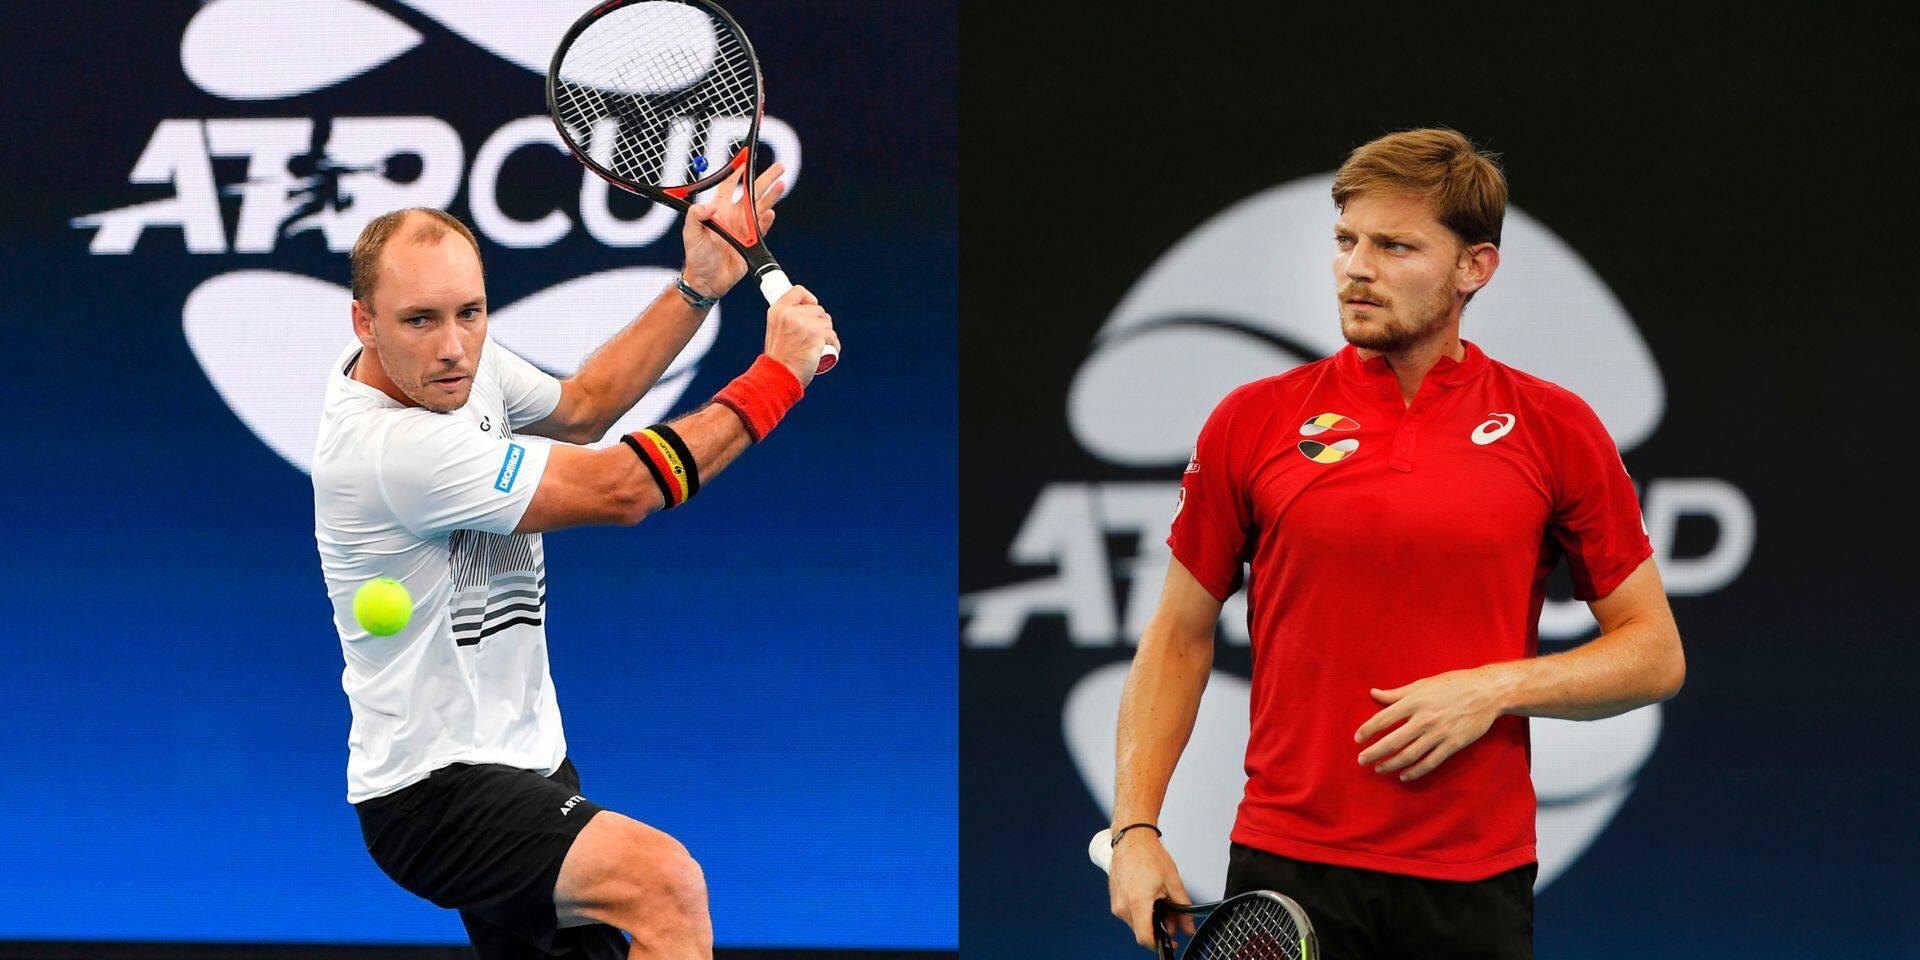 Steve Darcis déjà le chouchou, Goffin tient son rang: retour sur la 1ère journée de l'ATP Cup